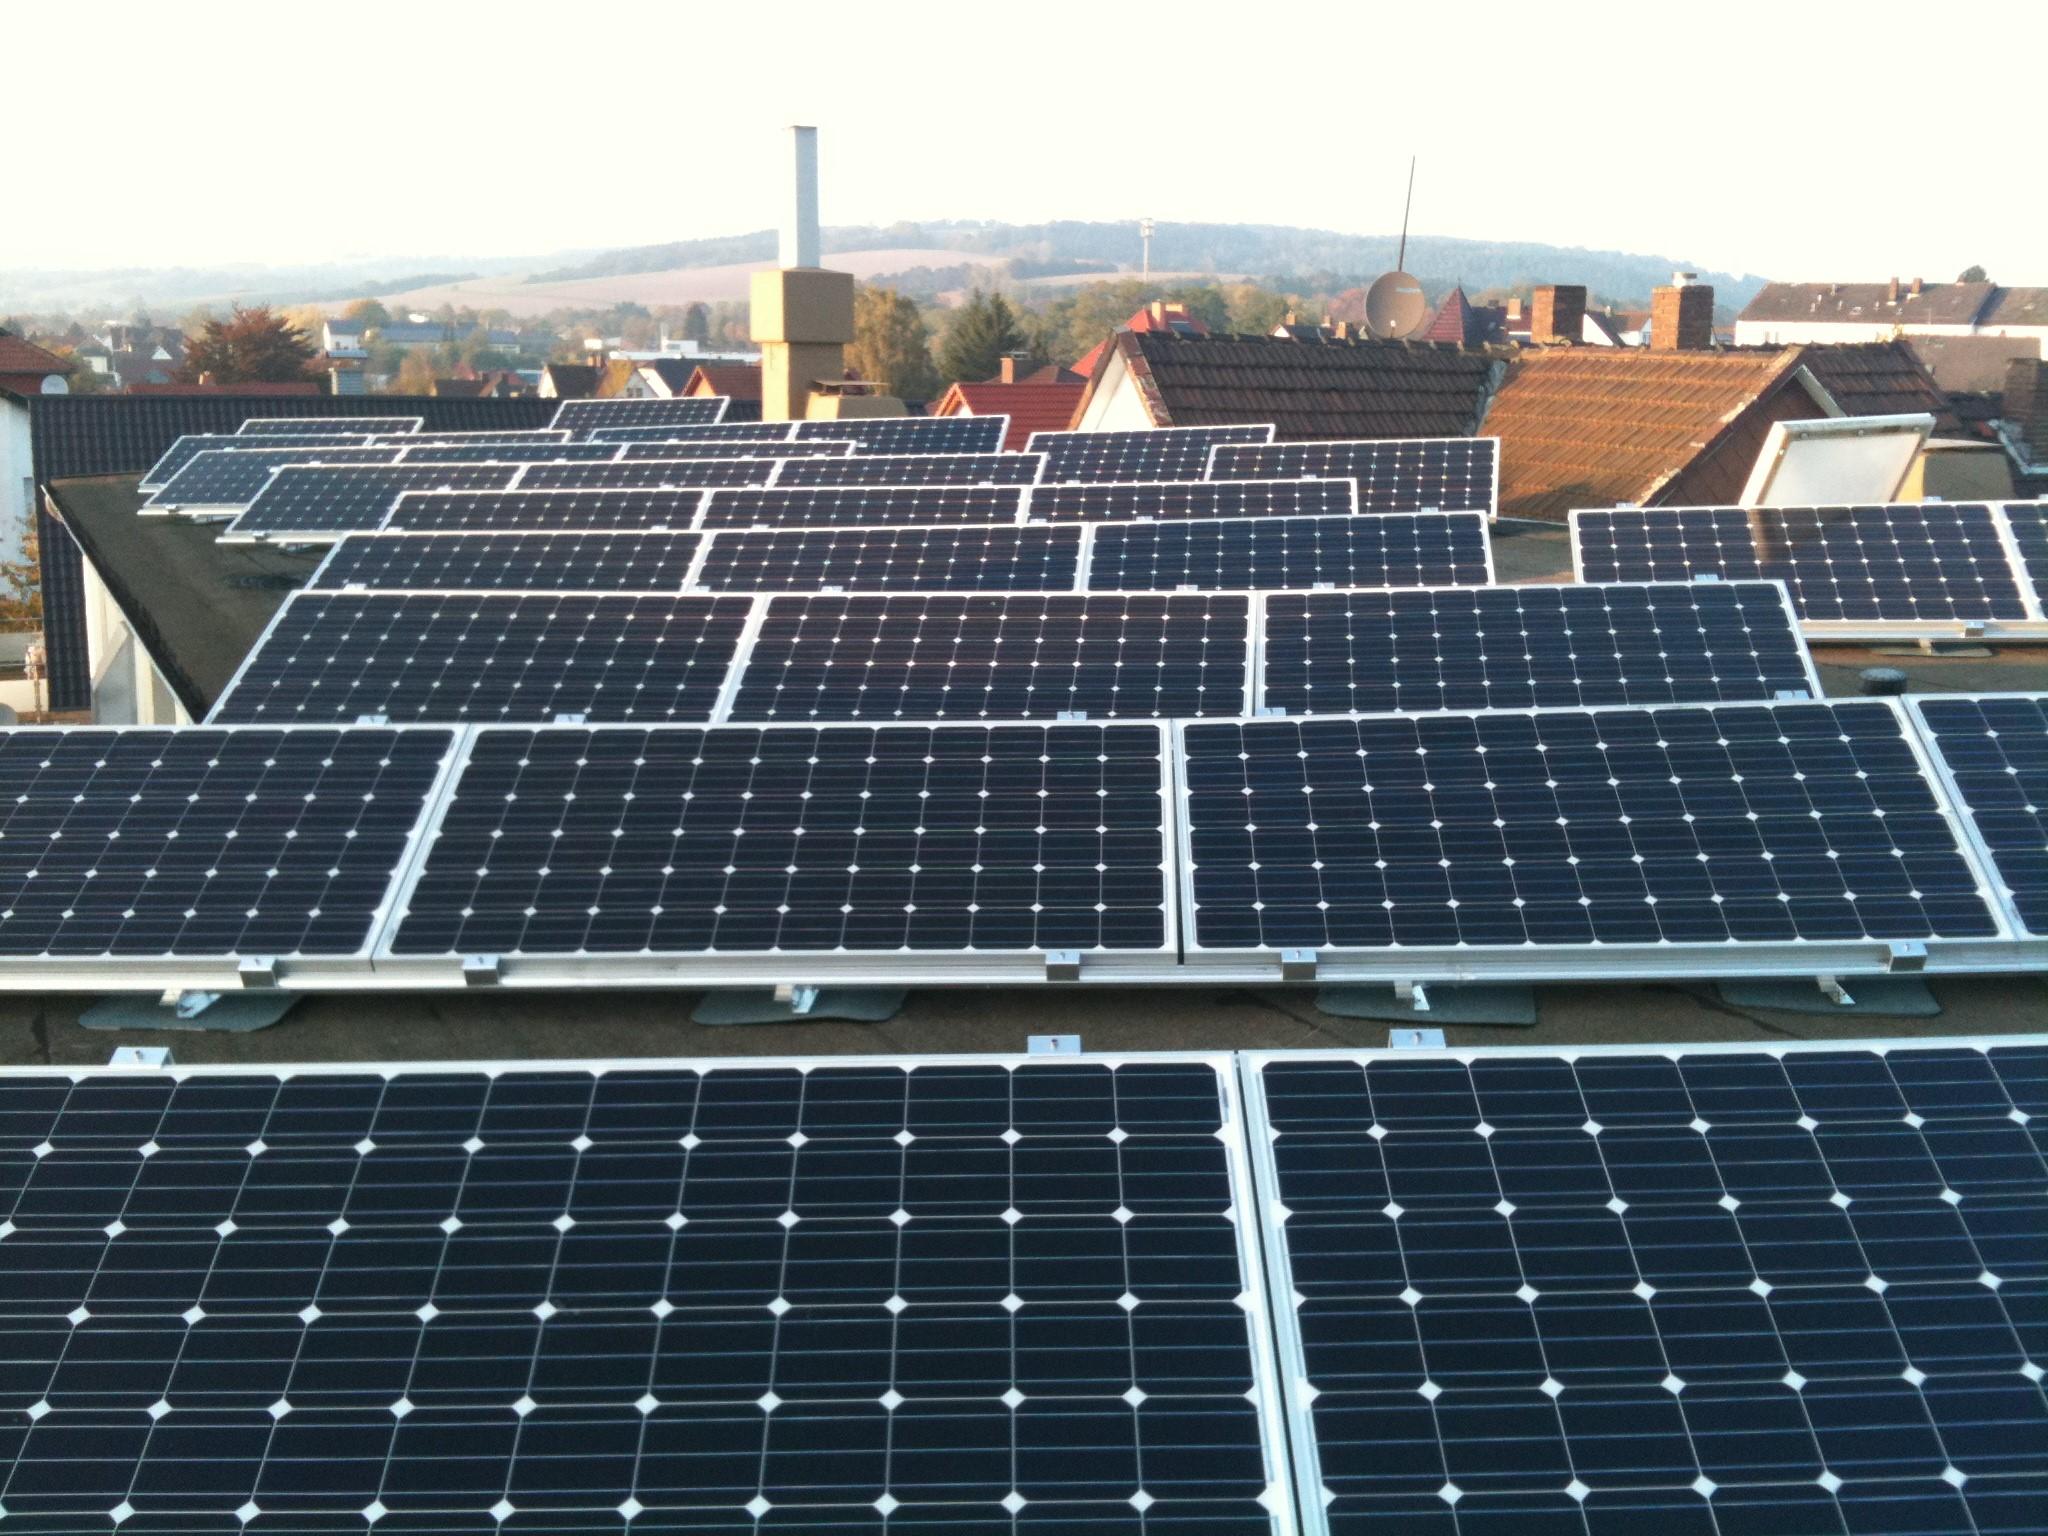 Errichtung einer Photovoltaikanlage auf dem Werkstattdach